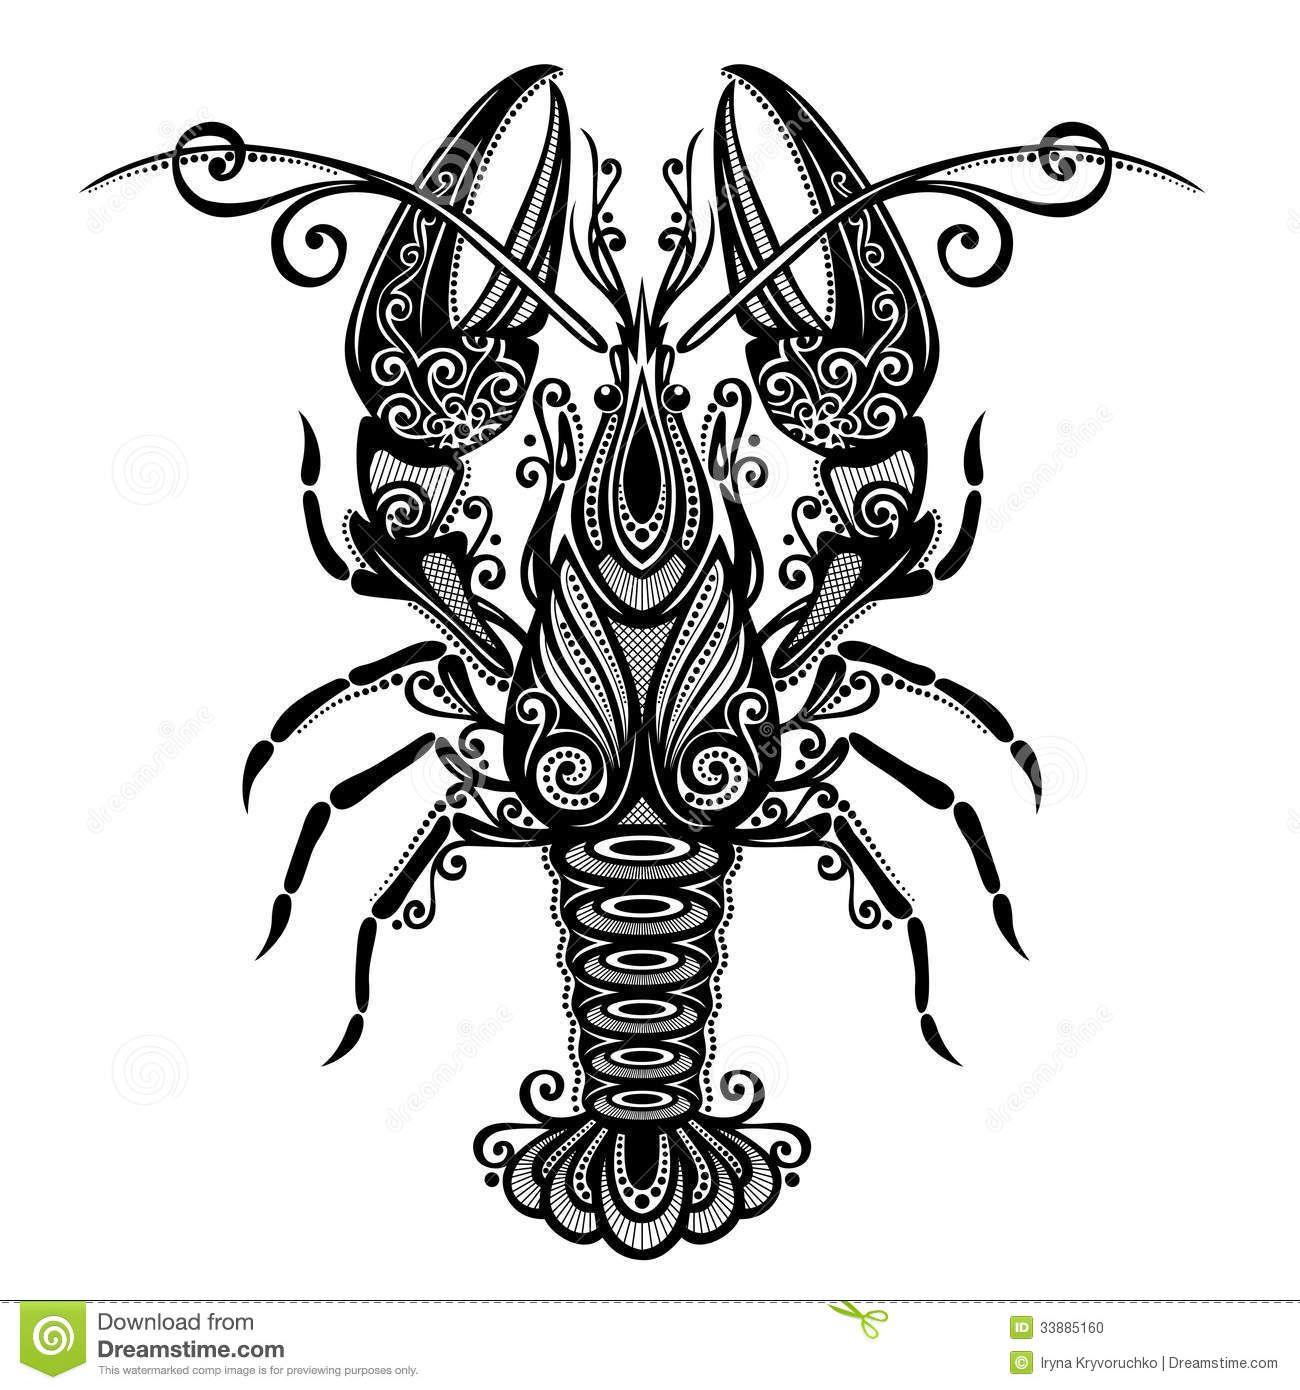 Pin By Sora On Crawfish